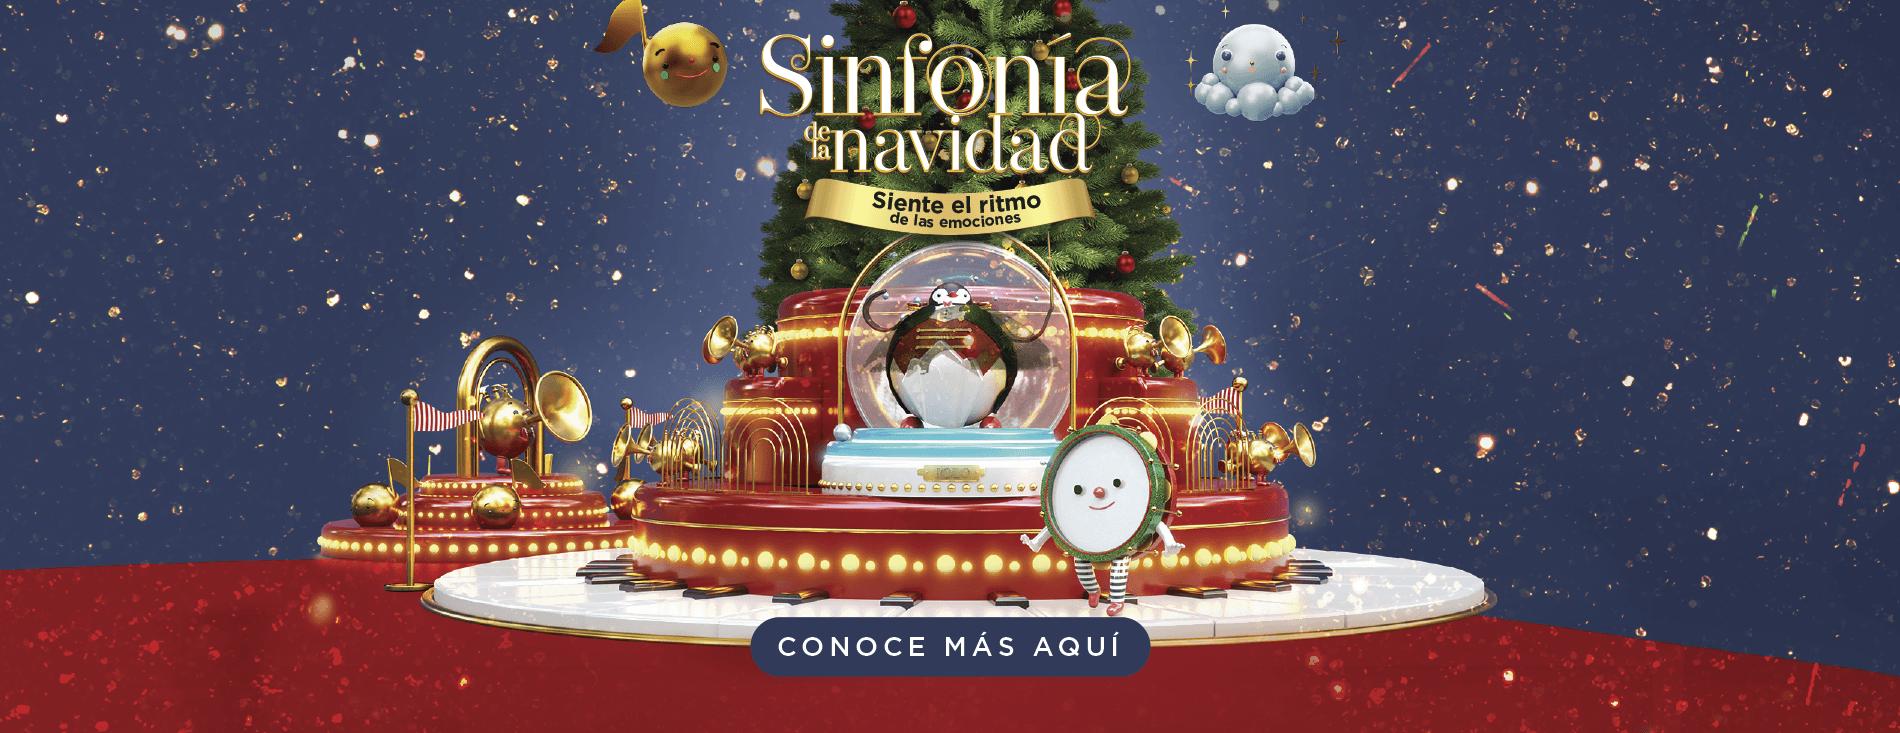 Sinfonía de navidad - Envigado